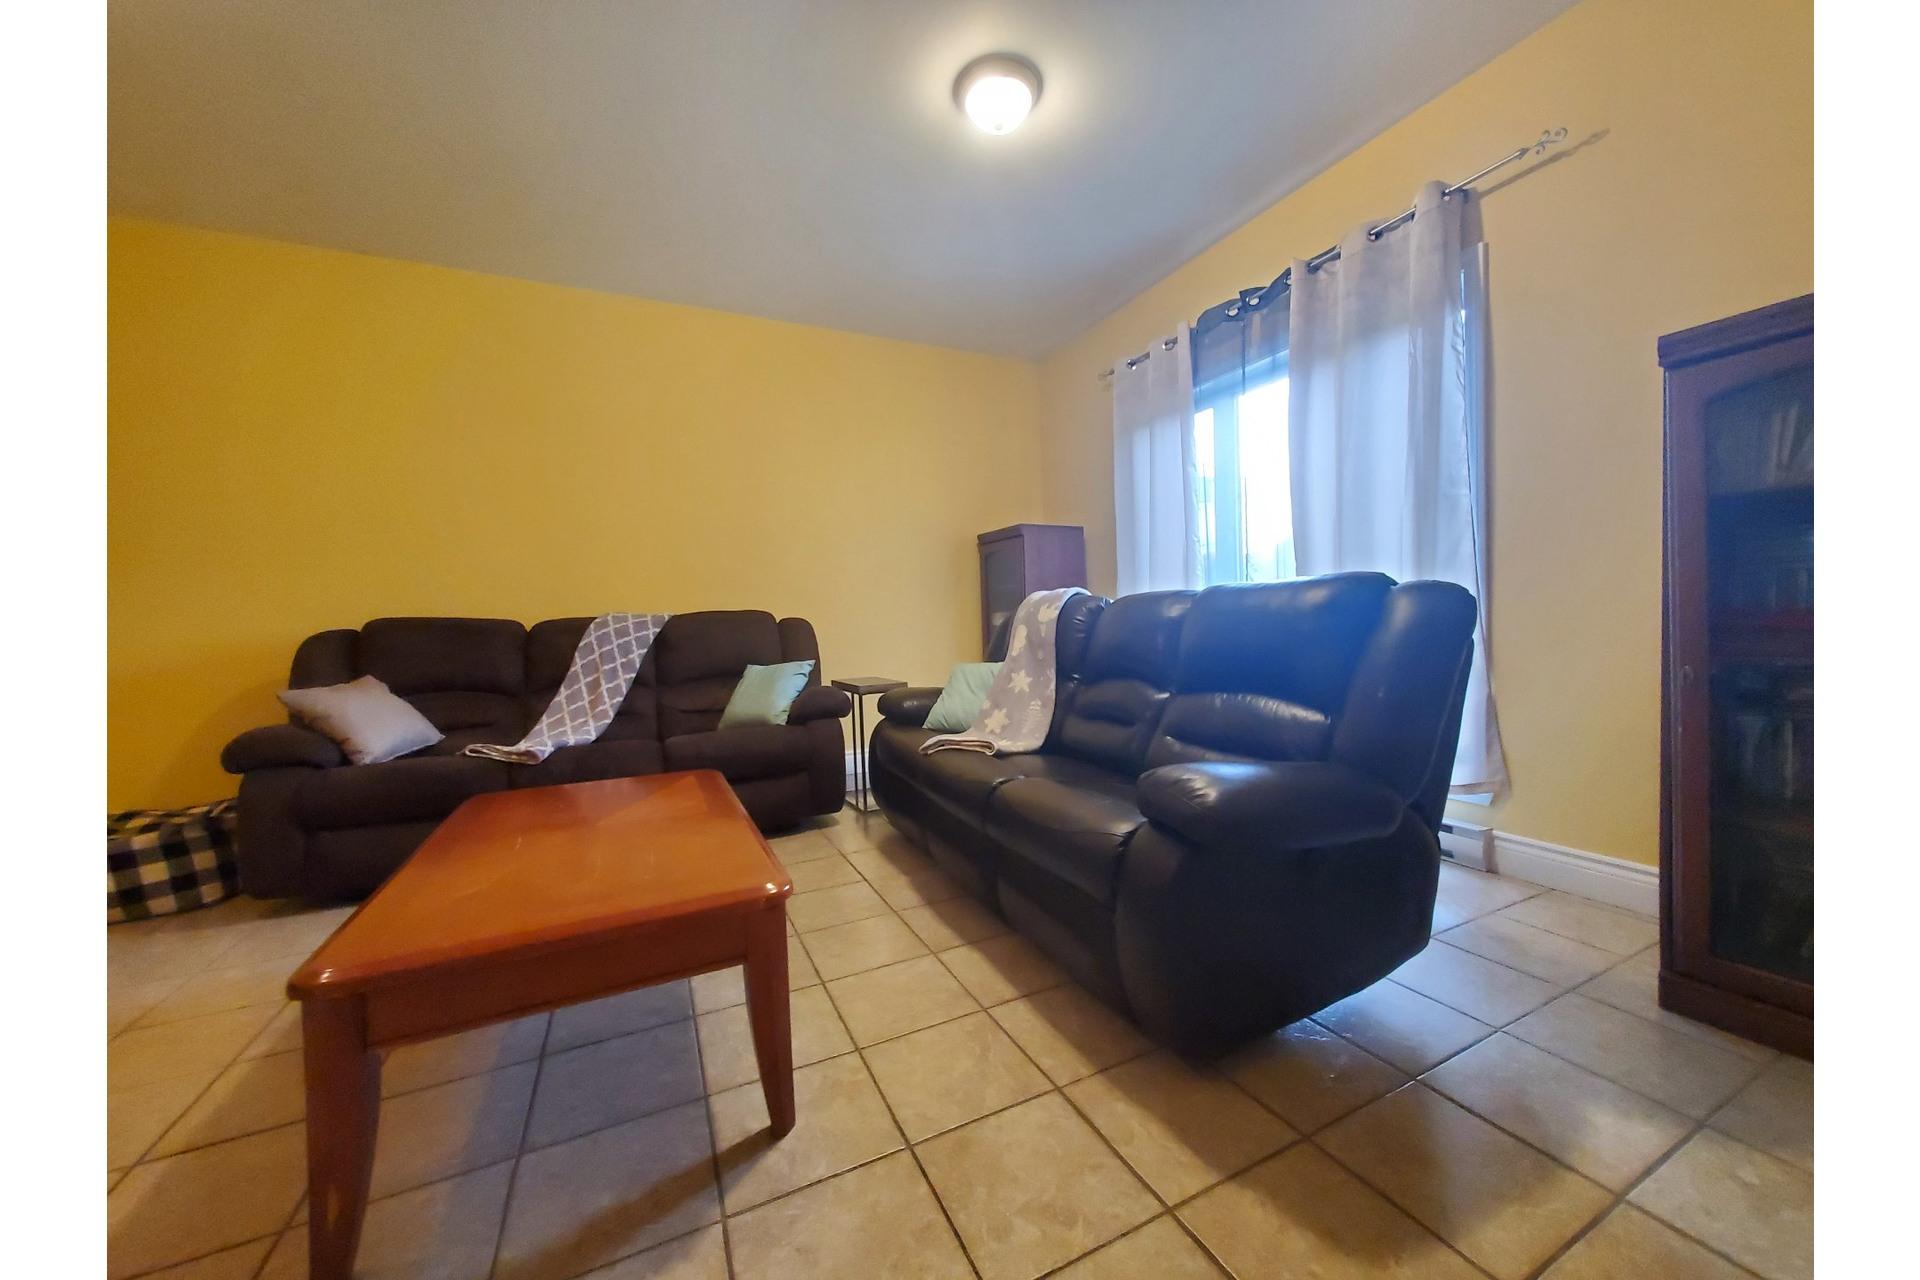 image 15 - House For sale Trois-Rivières